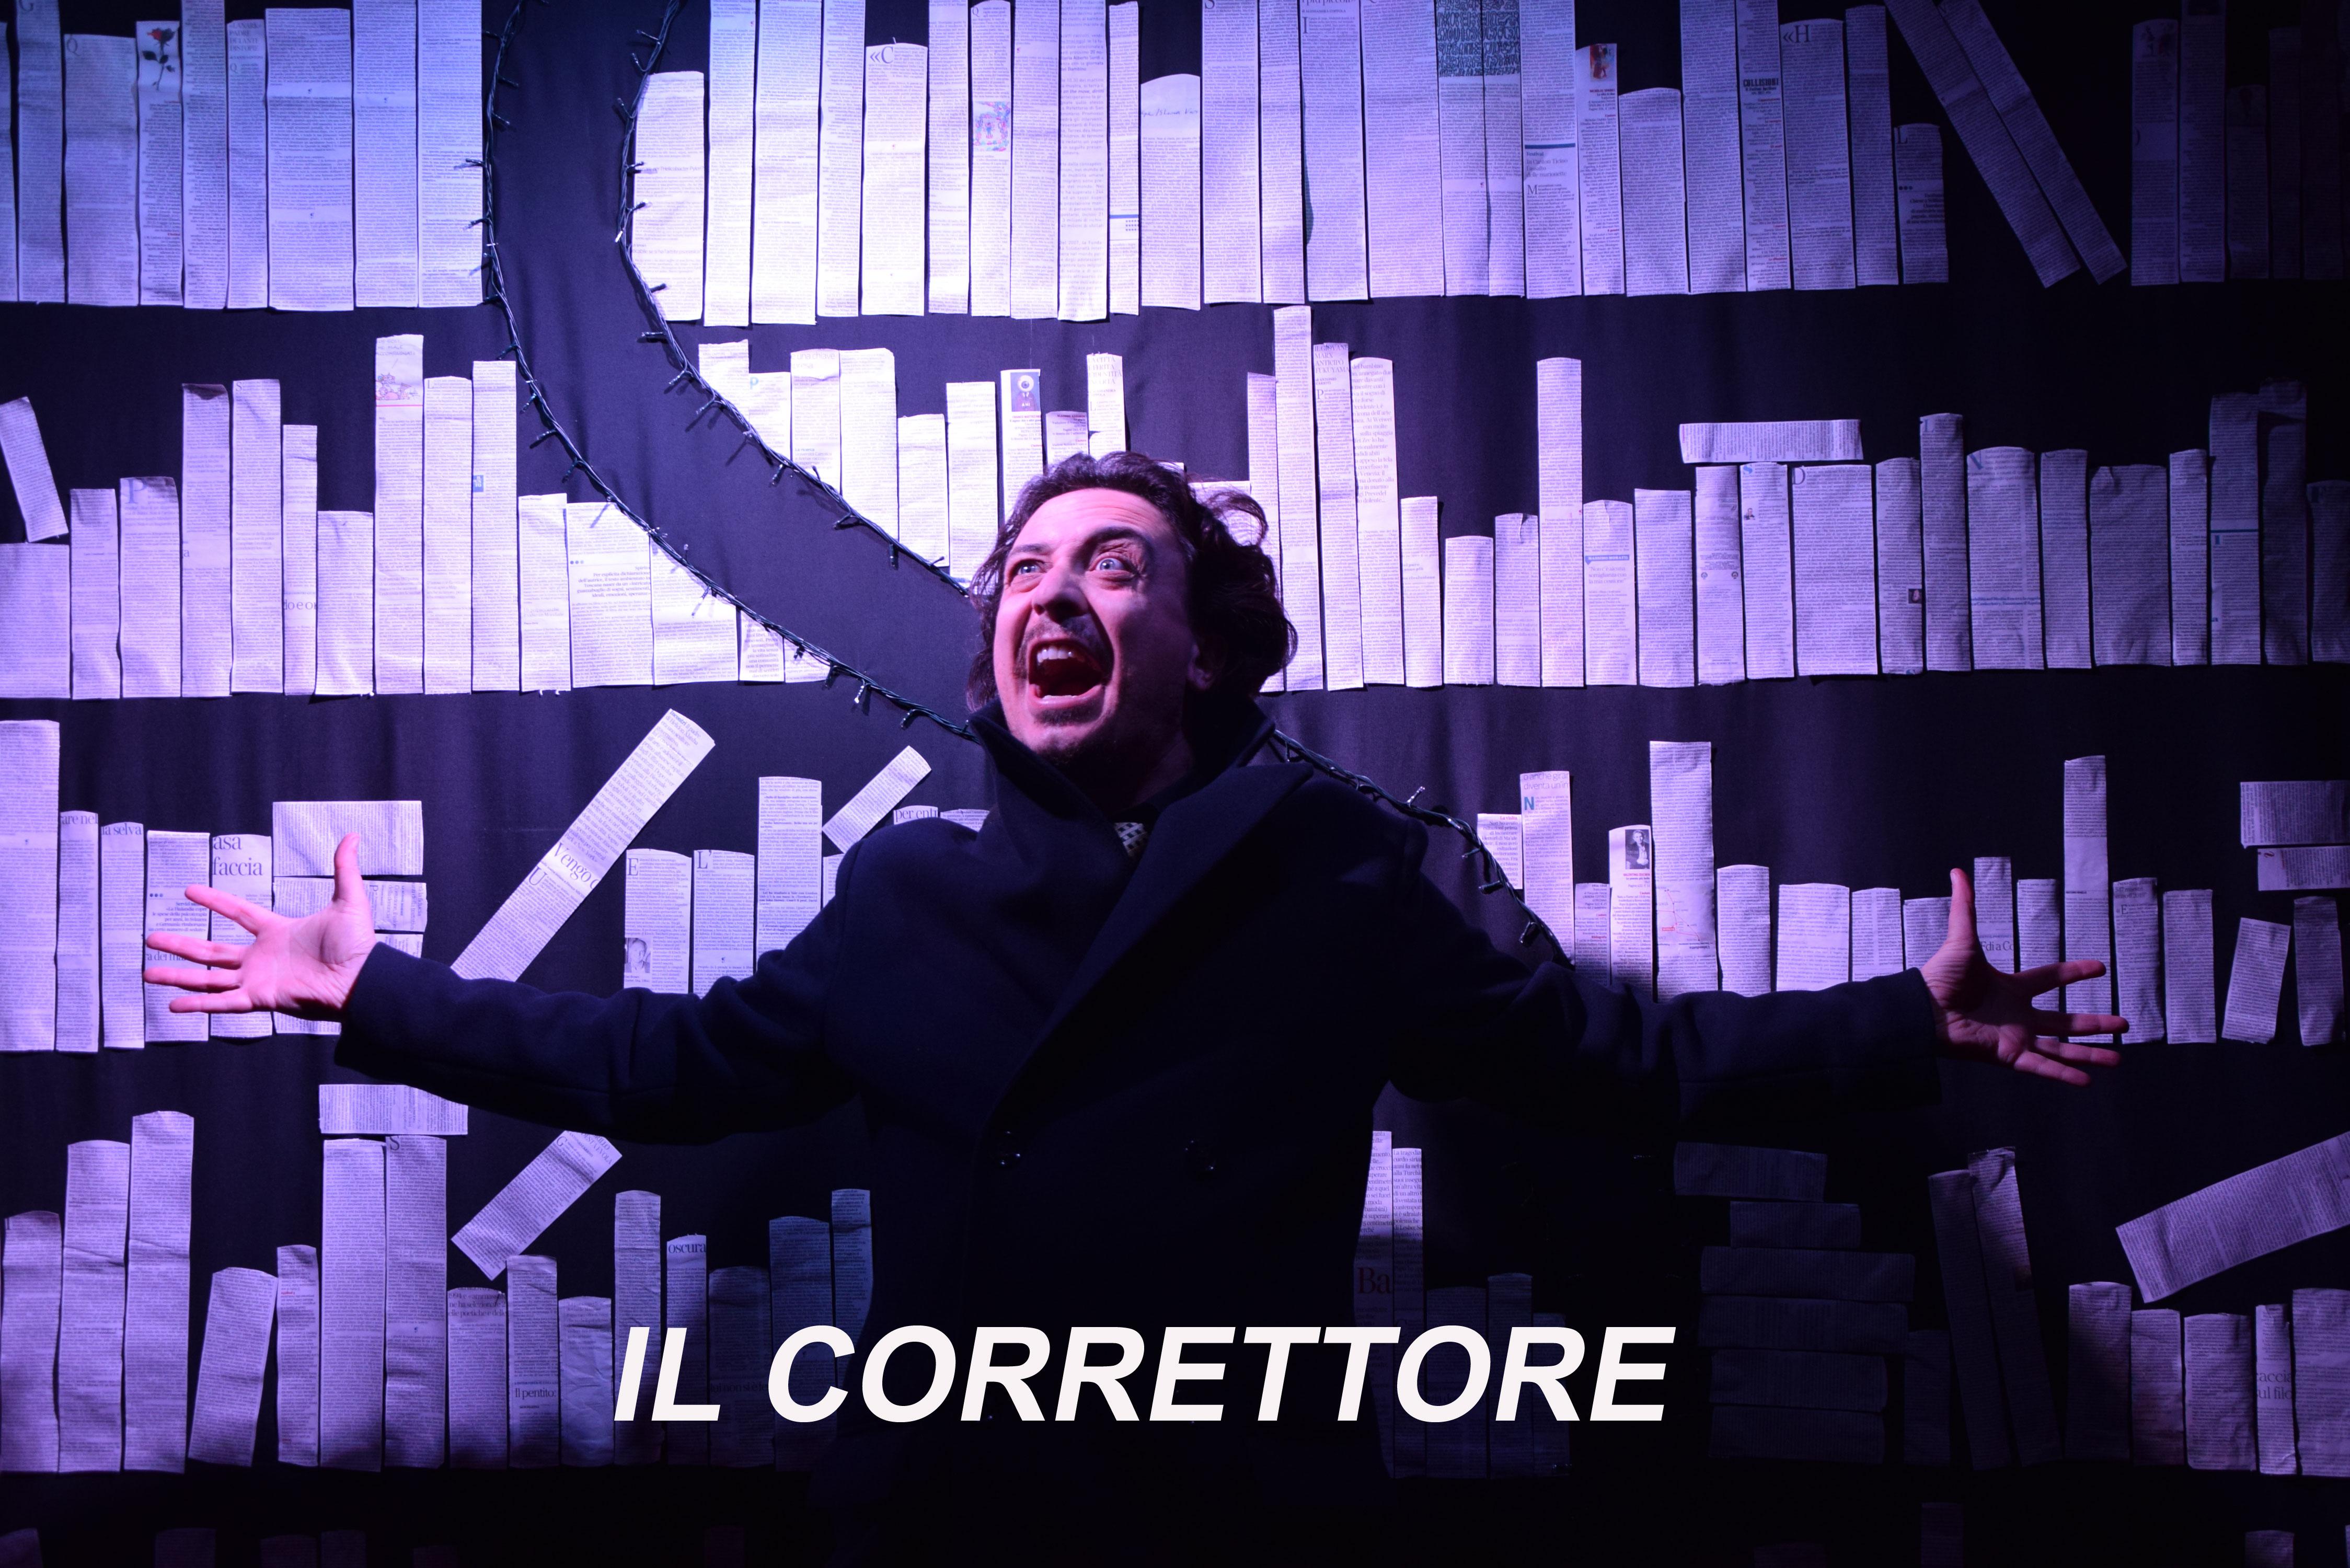 il-correttore-3